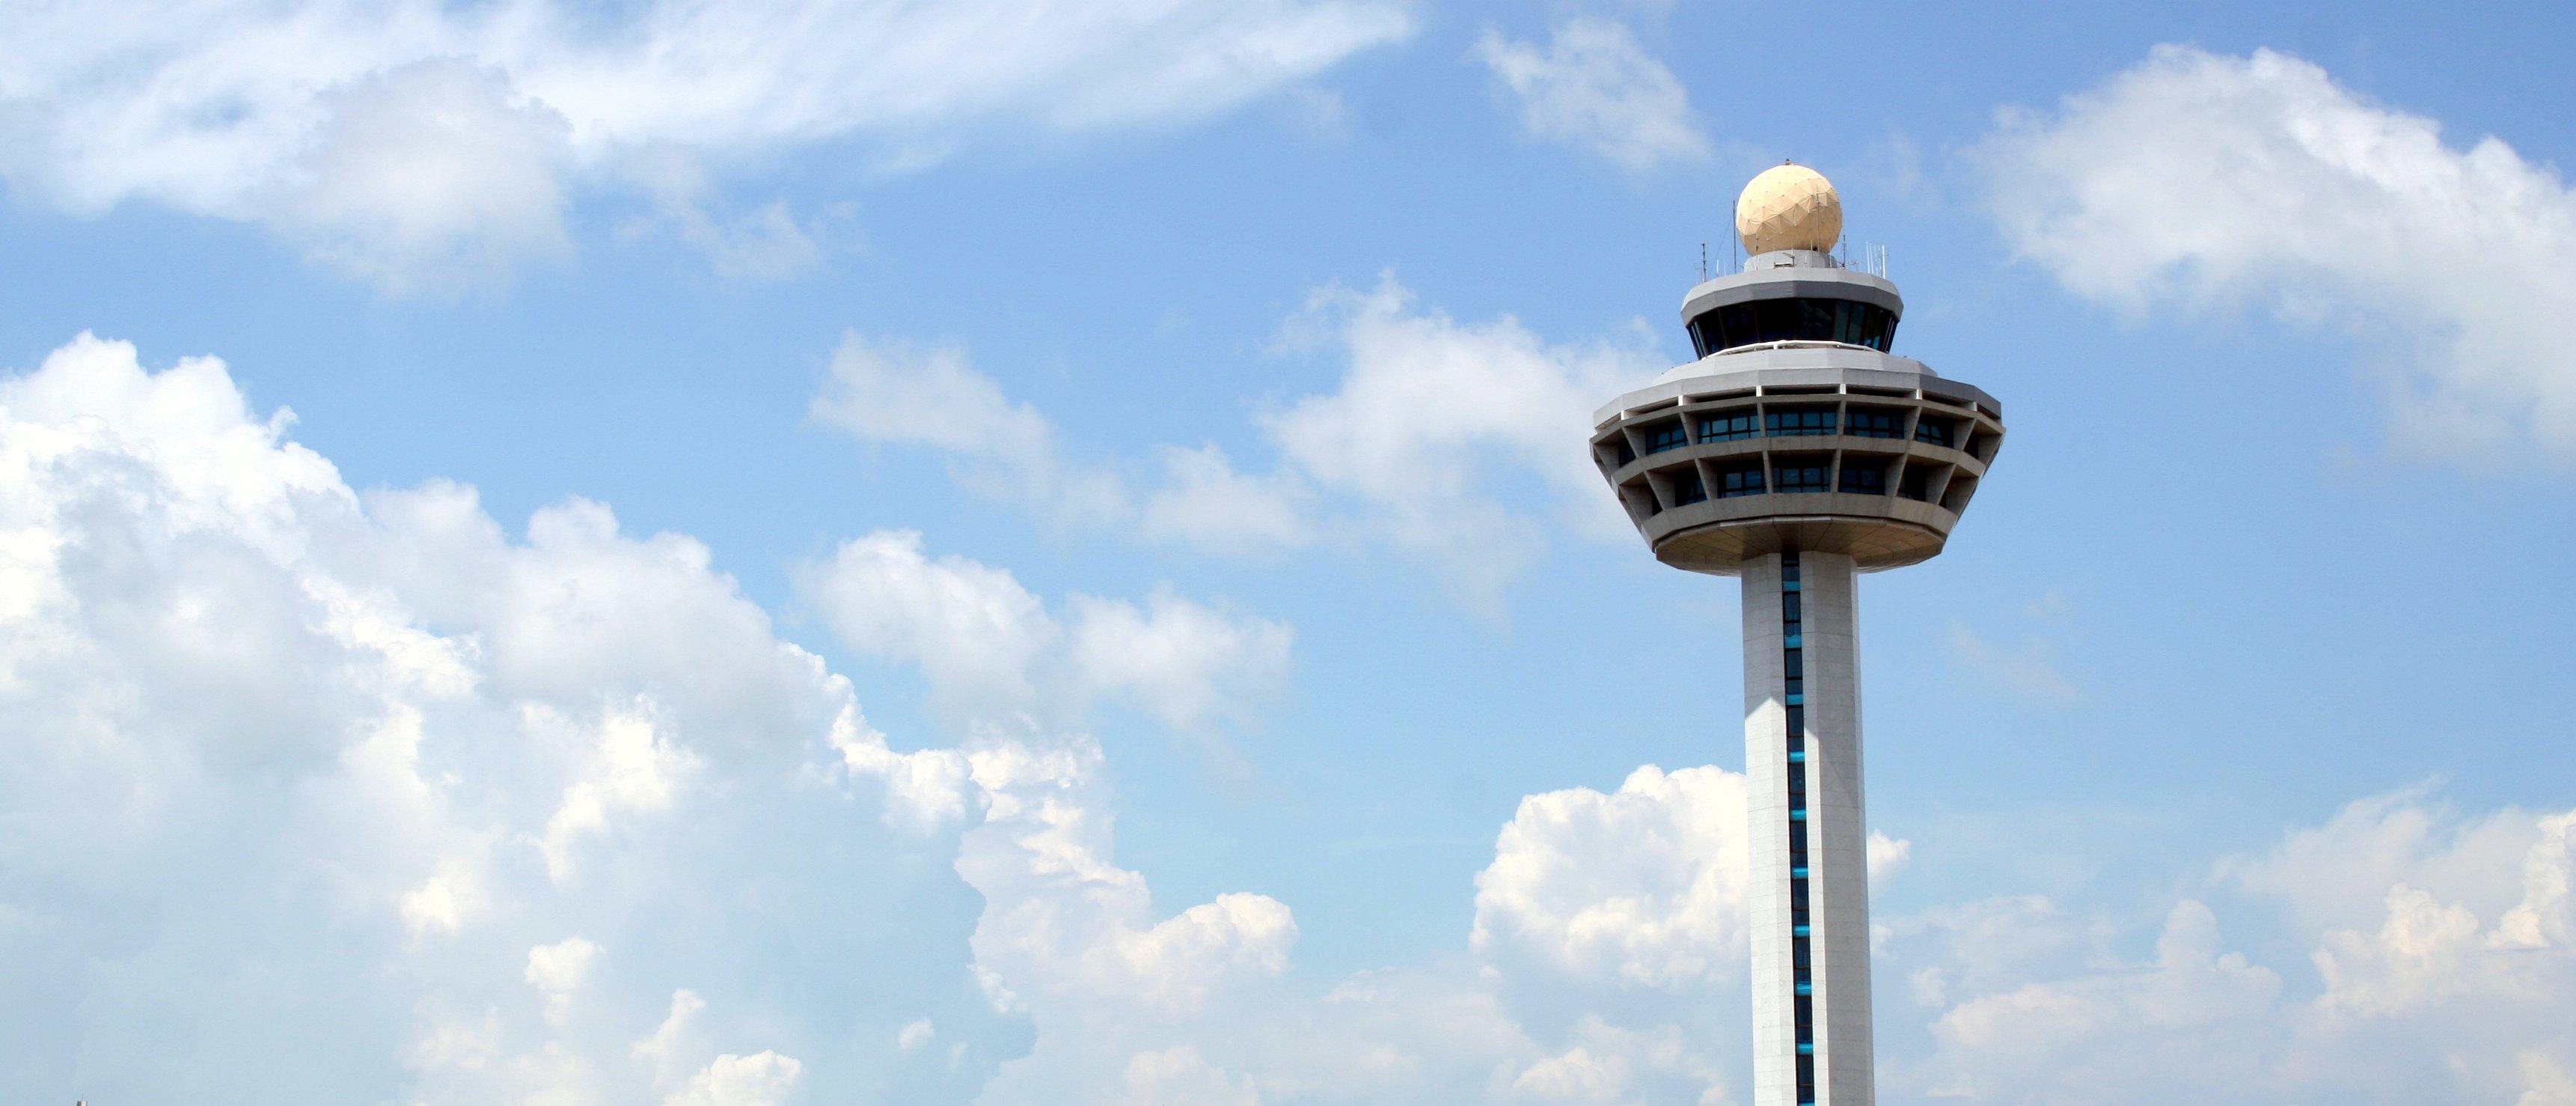 Air traffic control highlights essays